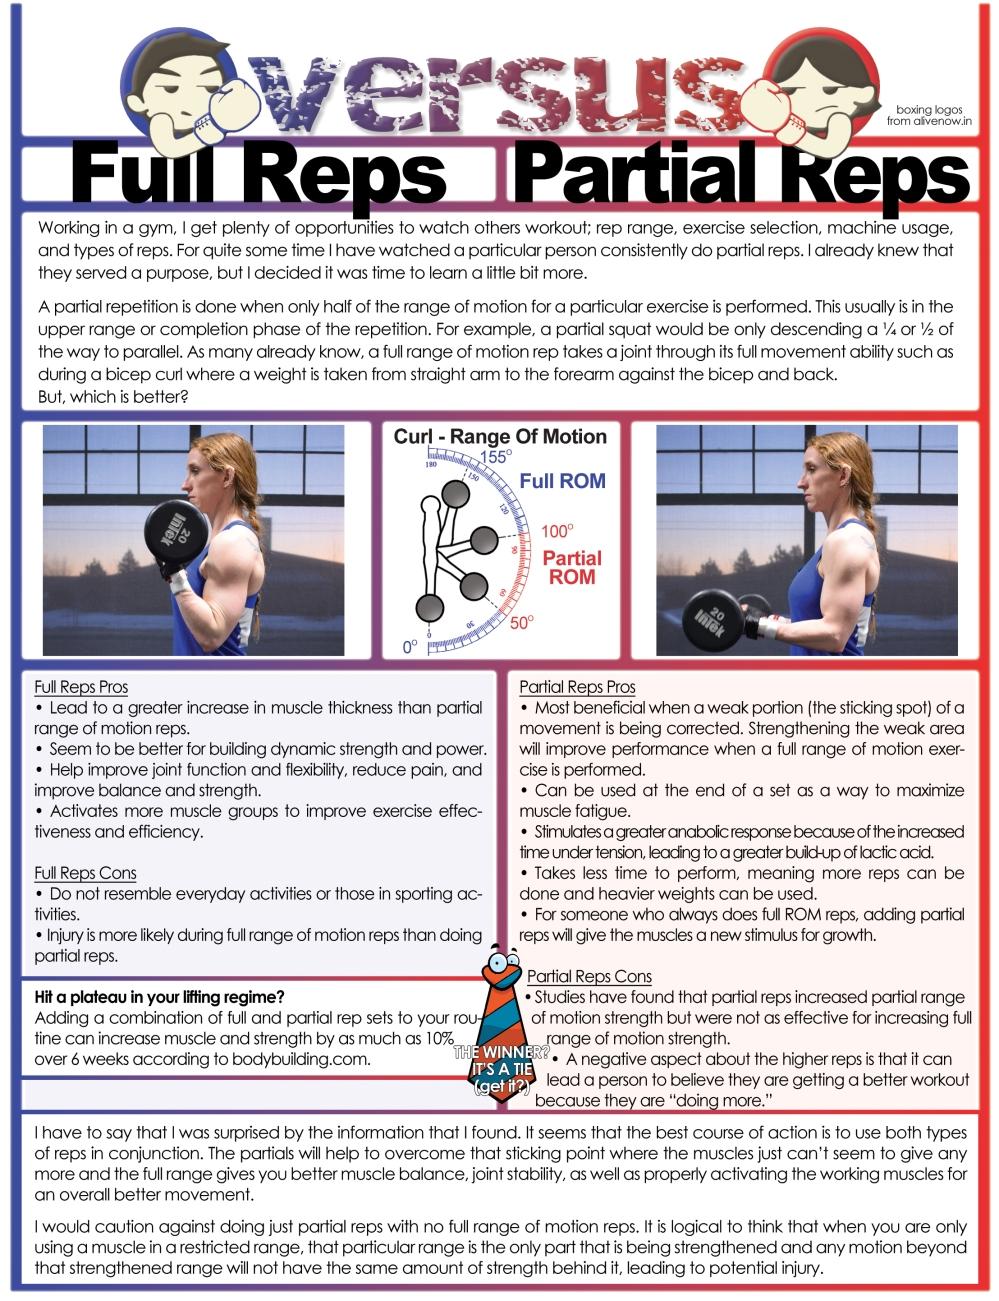 Versus_Full reps Partial reps_FINAL.jpg